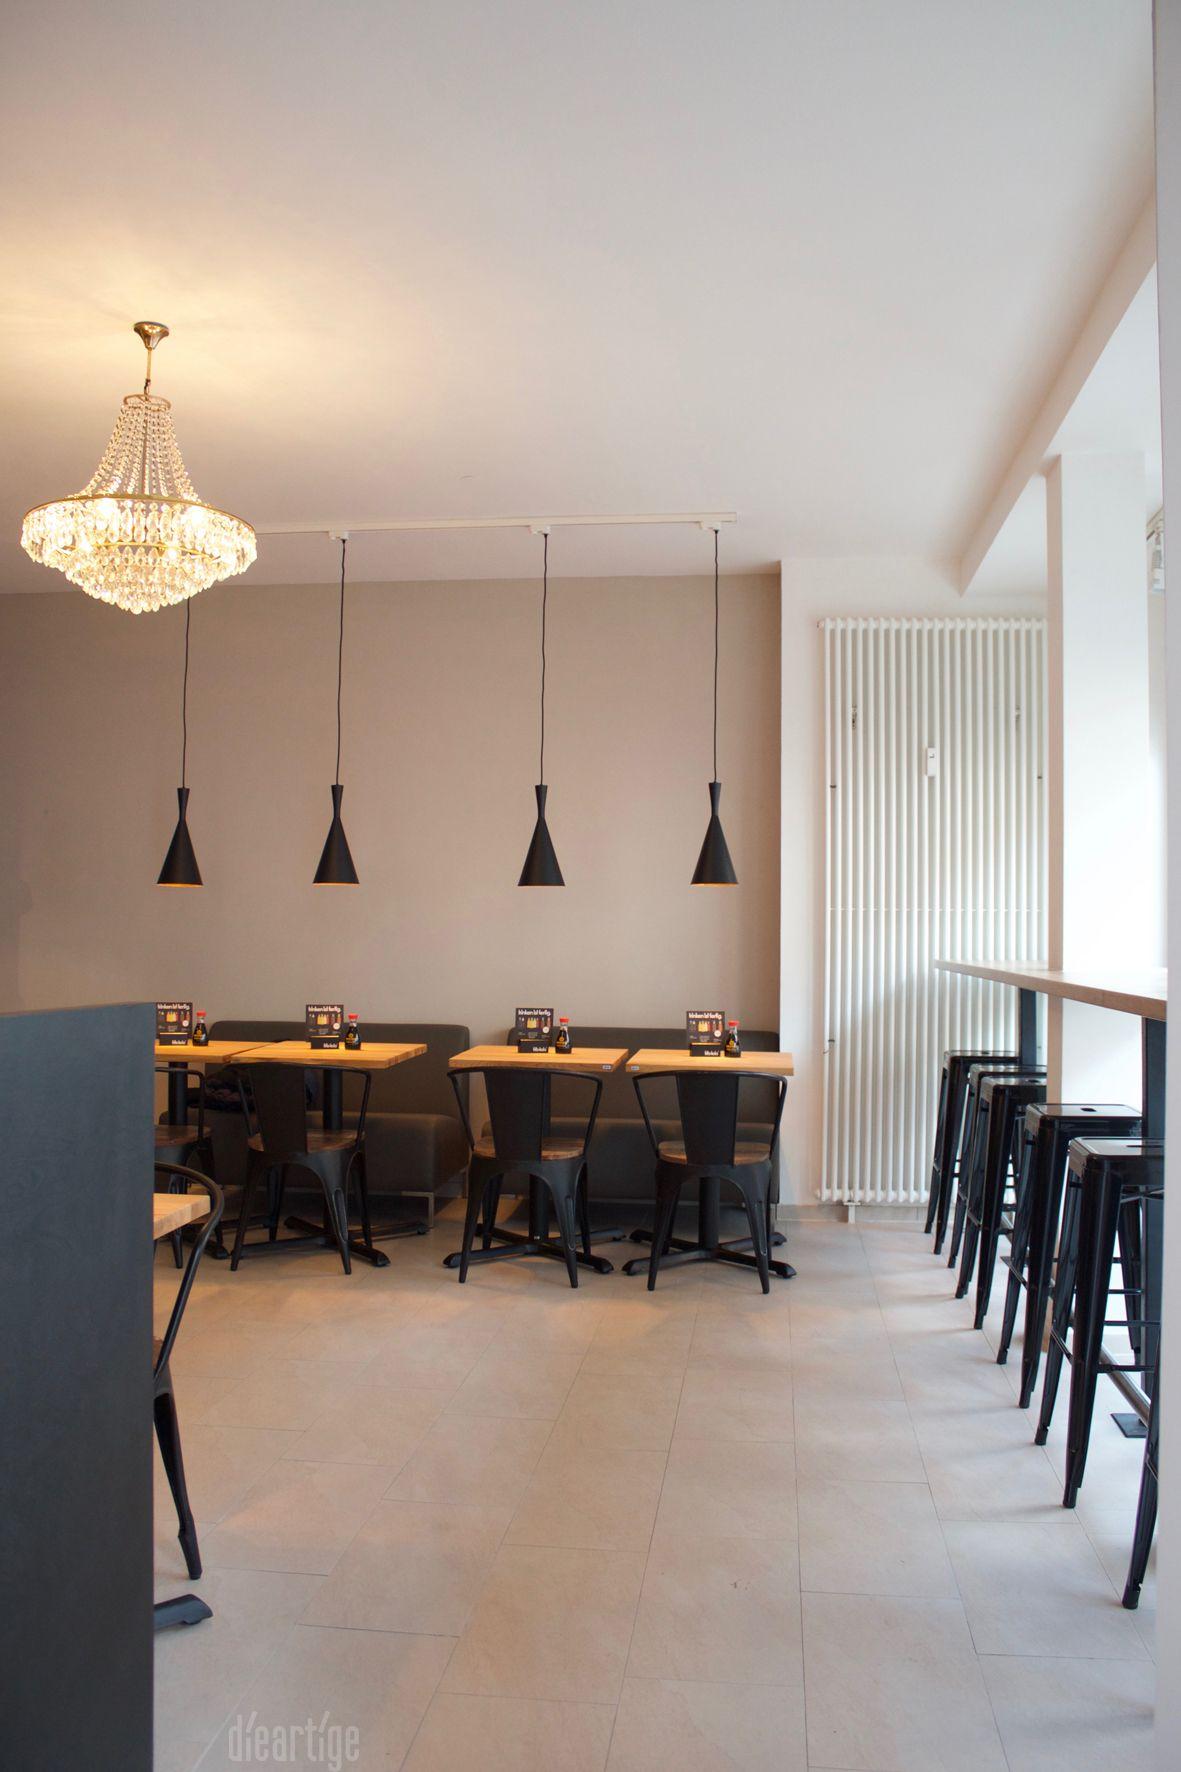 Dieartige raumplanung sushibar industrial design for Raumgestaltung und innenarchitektur